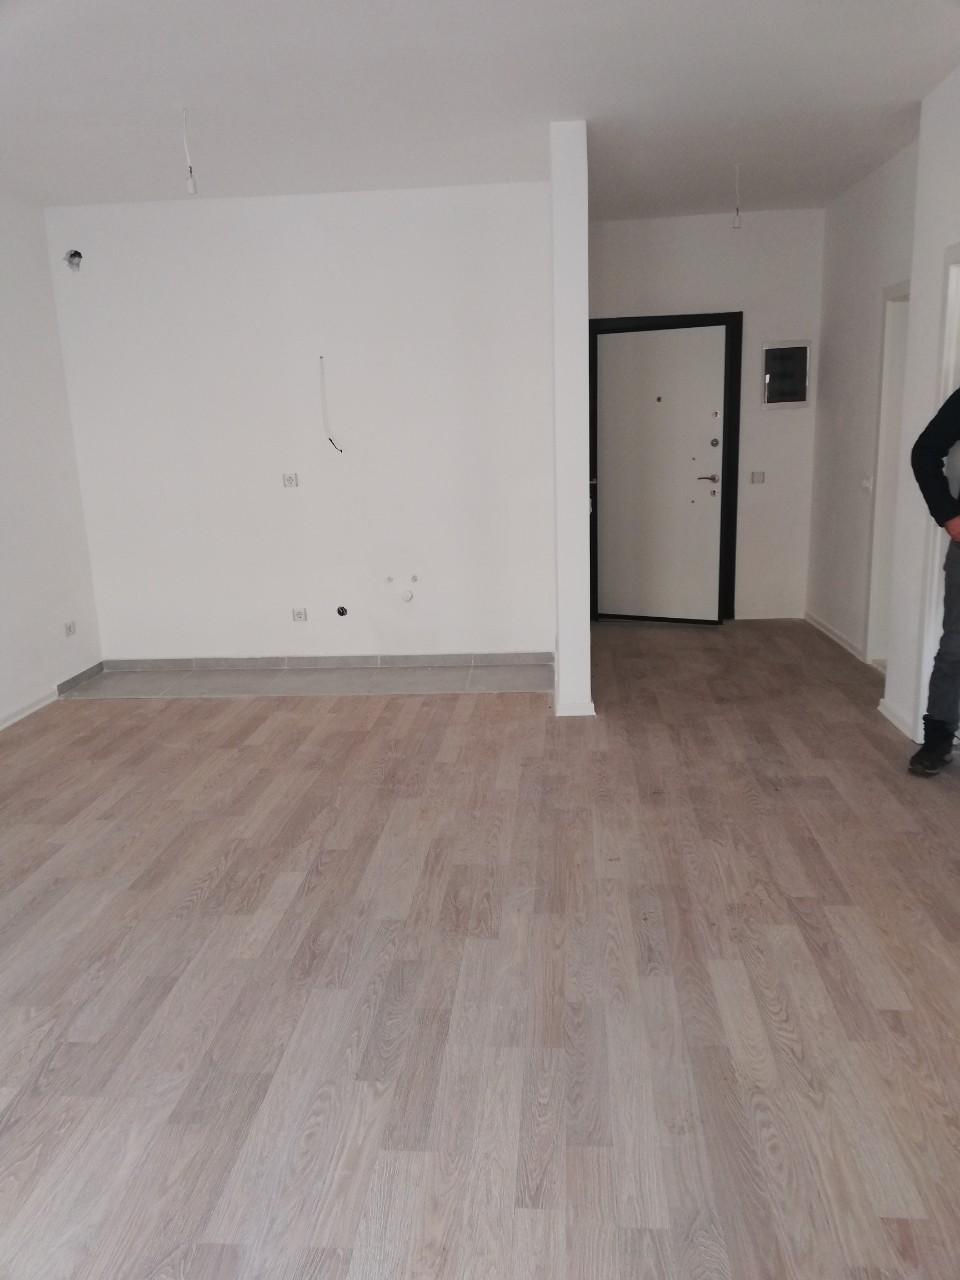 Ipet më qira banesa 2 dhomëshe 63 m2 kati 7 në Fushë Kosovë